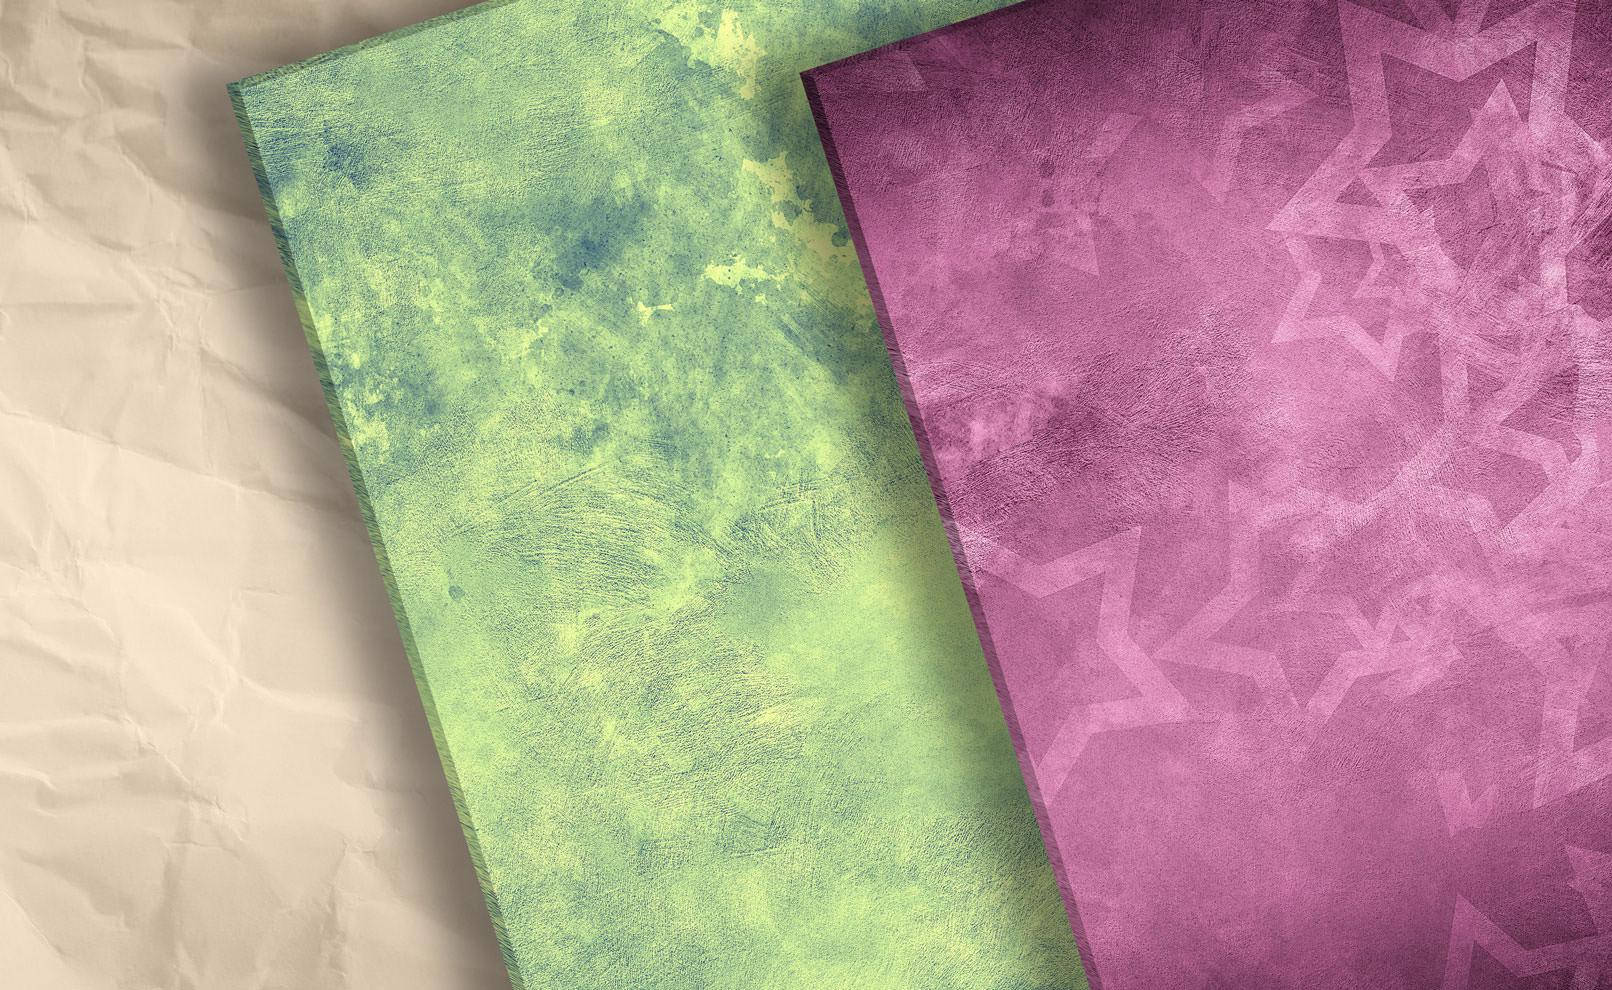 Farbige Hintergründe mit verschiedenen Farben und Strukturen